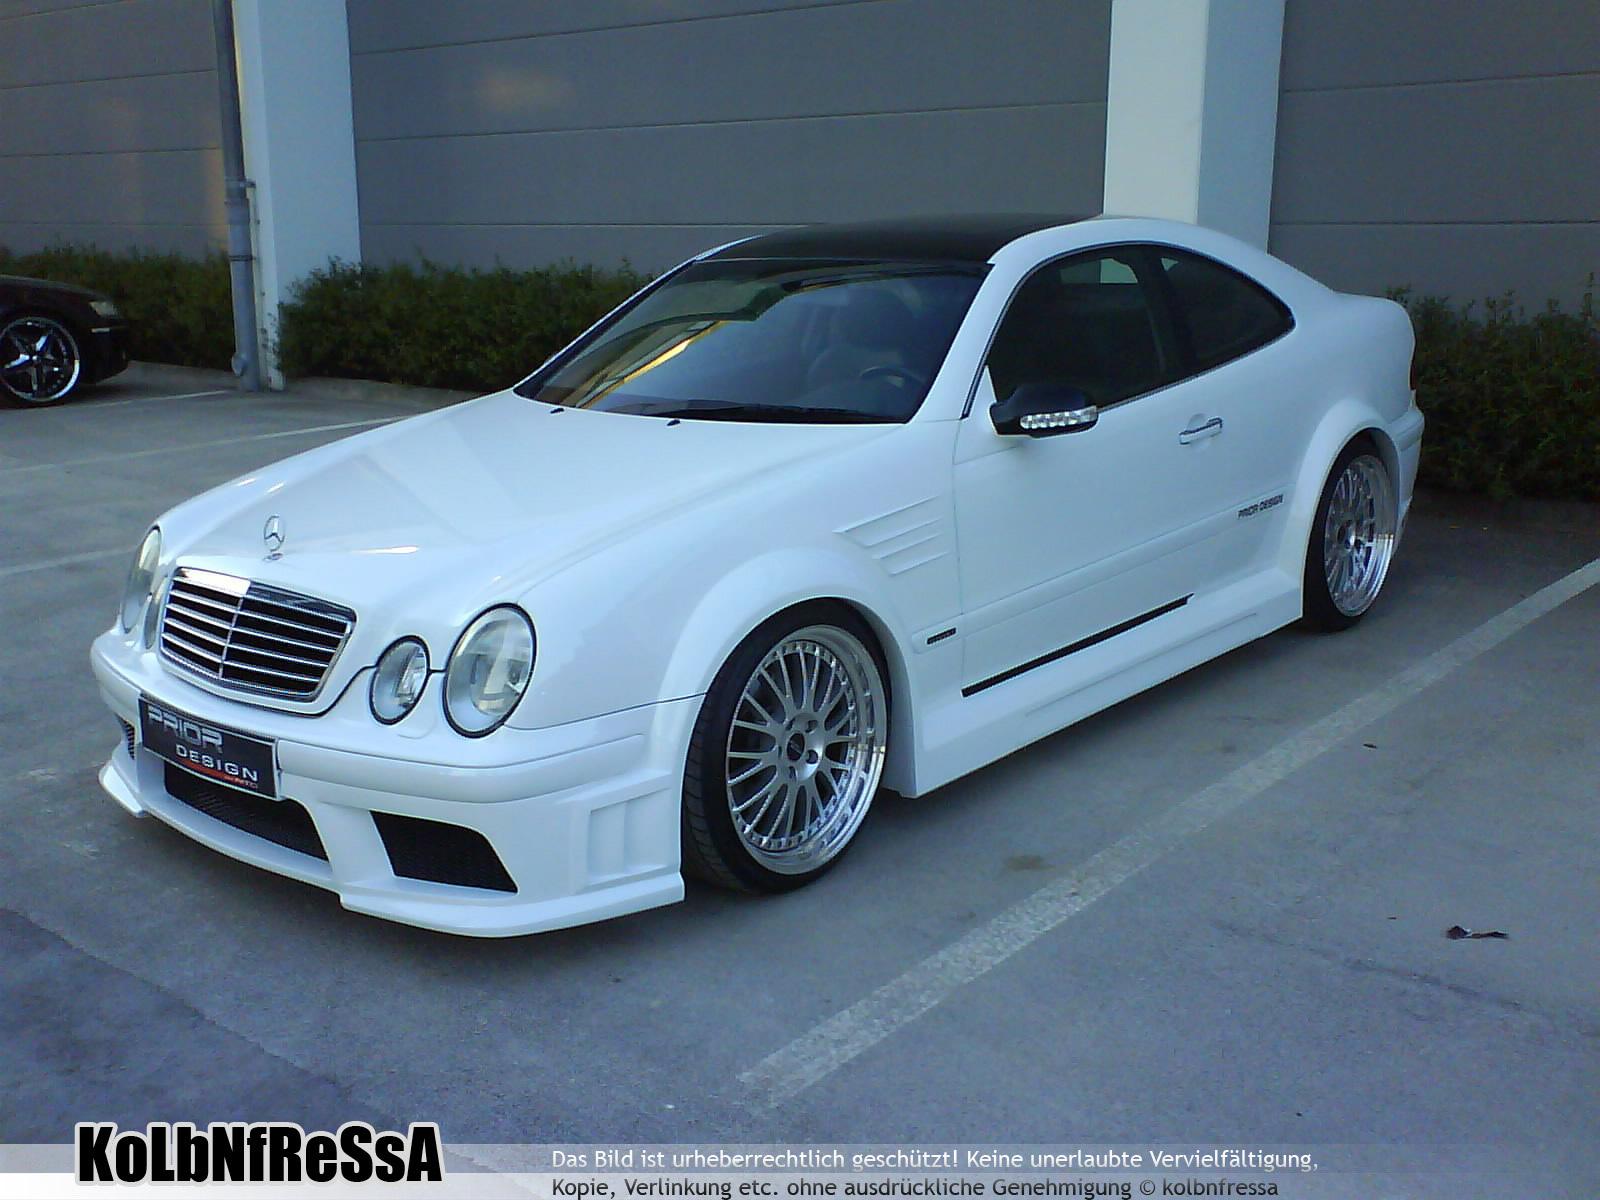 Photos Of Mercedes Benz Clk 320 Photo Tuning Mercedes Benz Clk 320